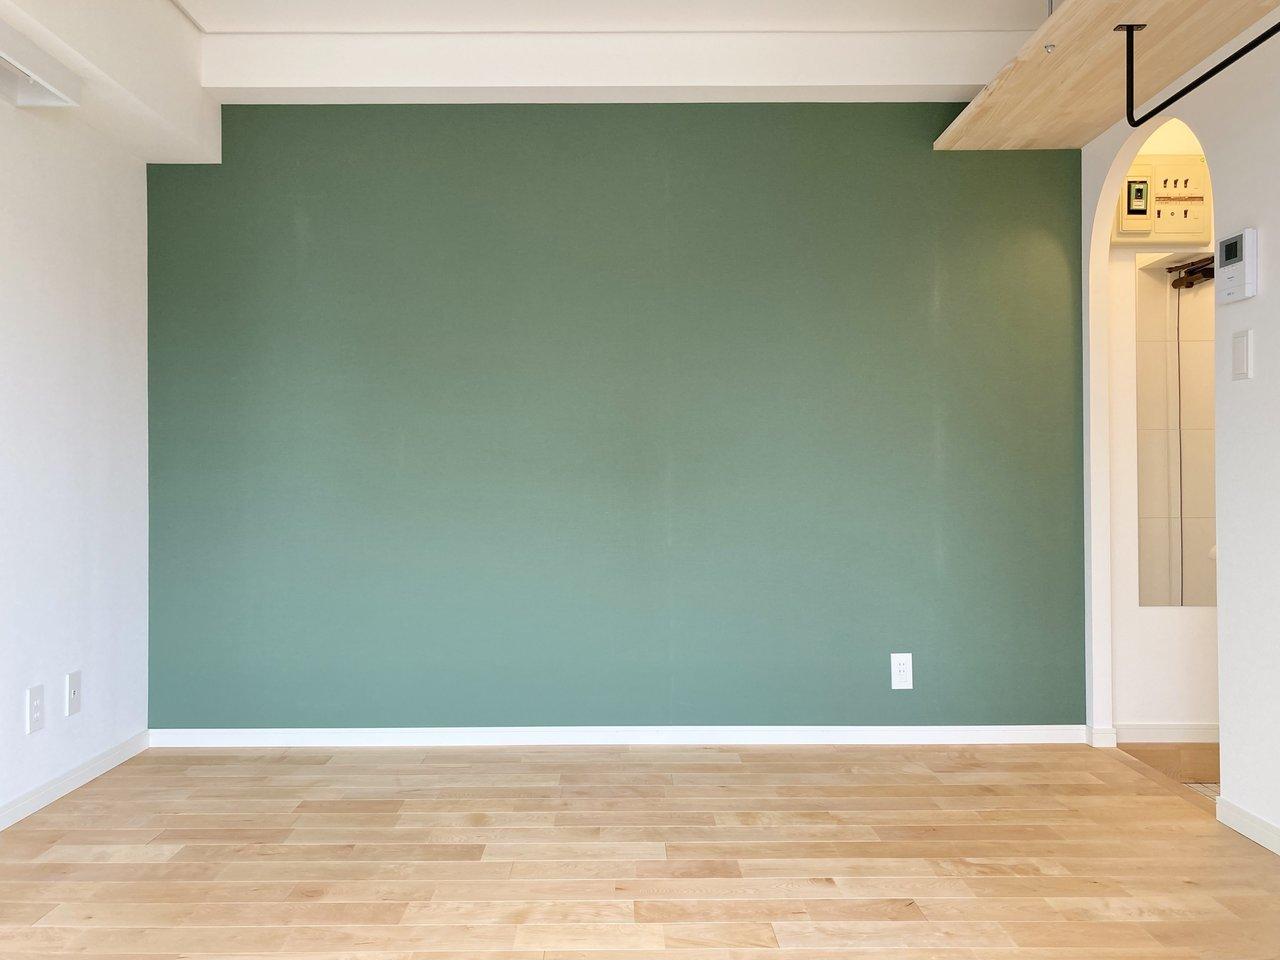 鮮やかなグリーンのクロス×バーチの無垢フローリングが素敵なワンルームです。